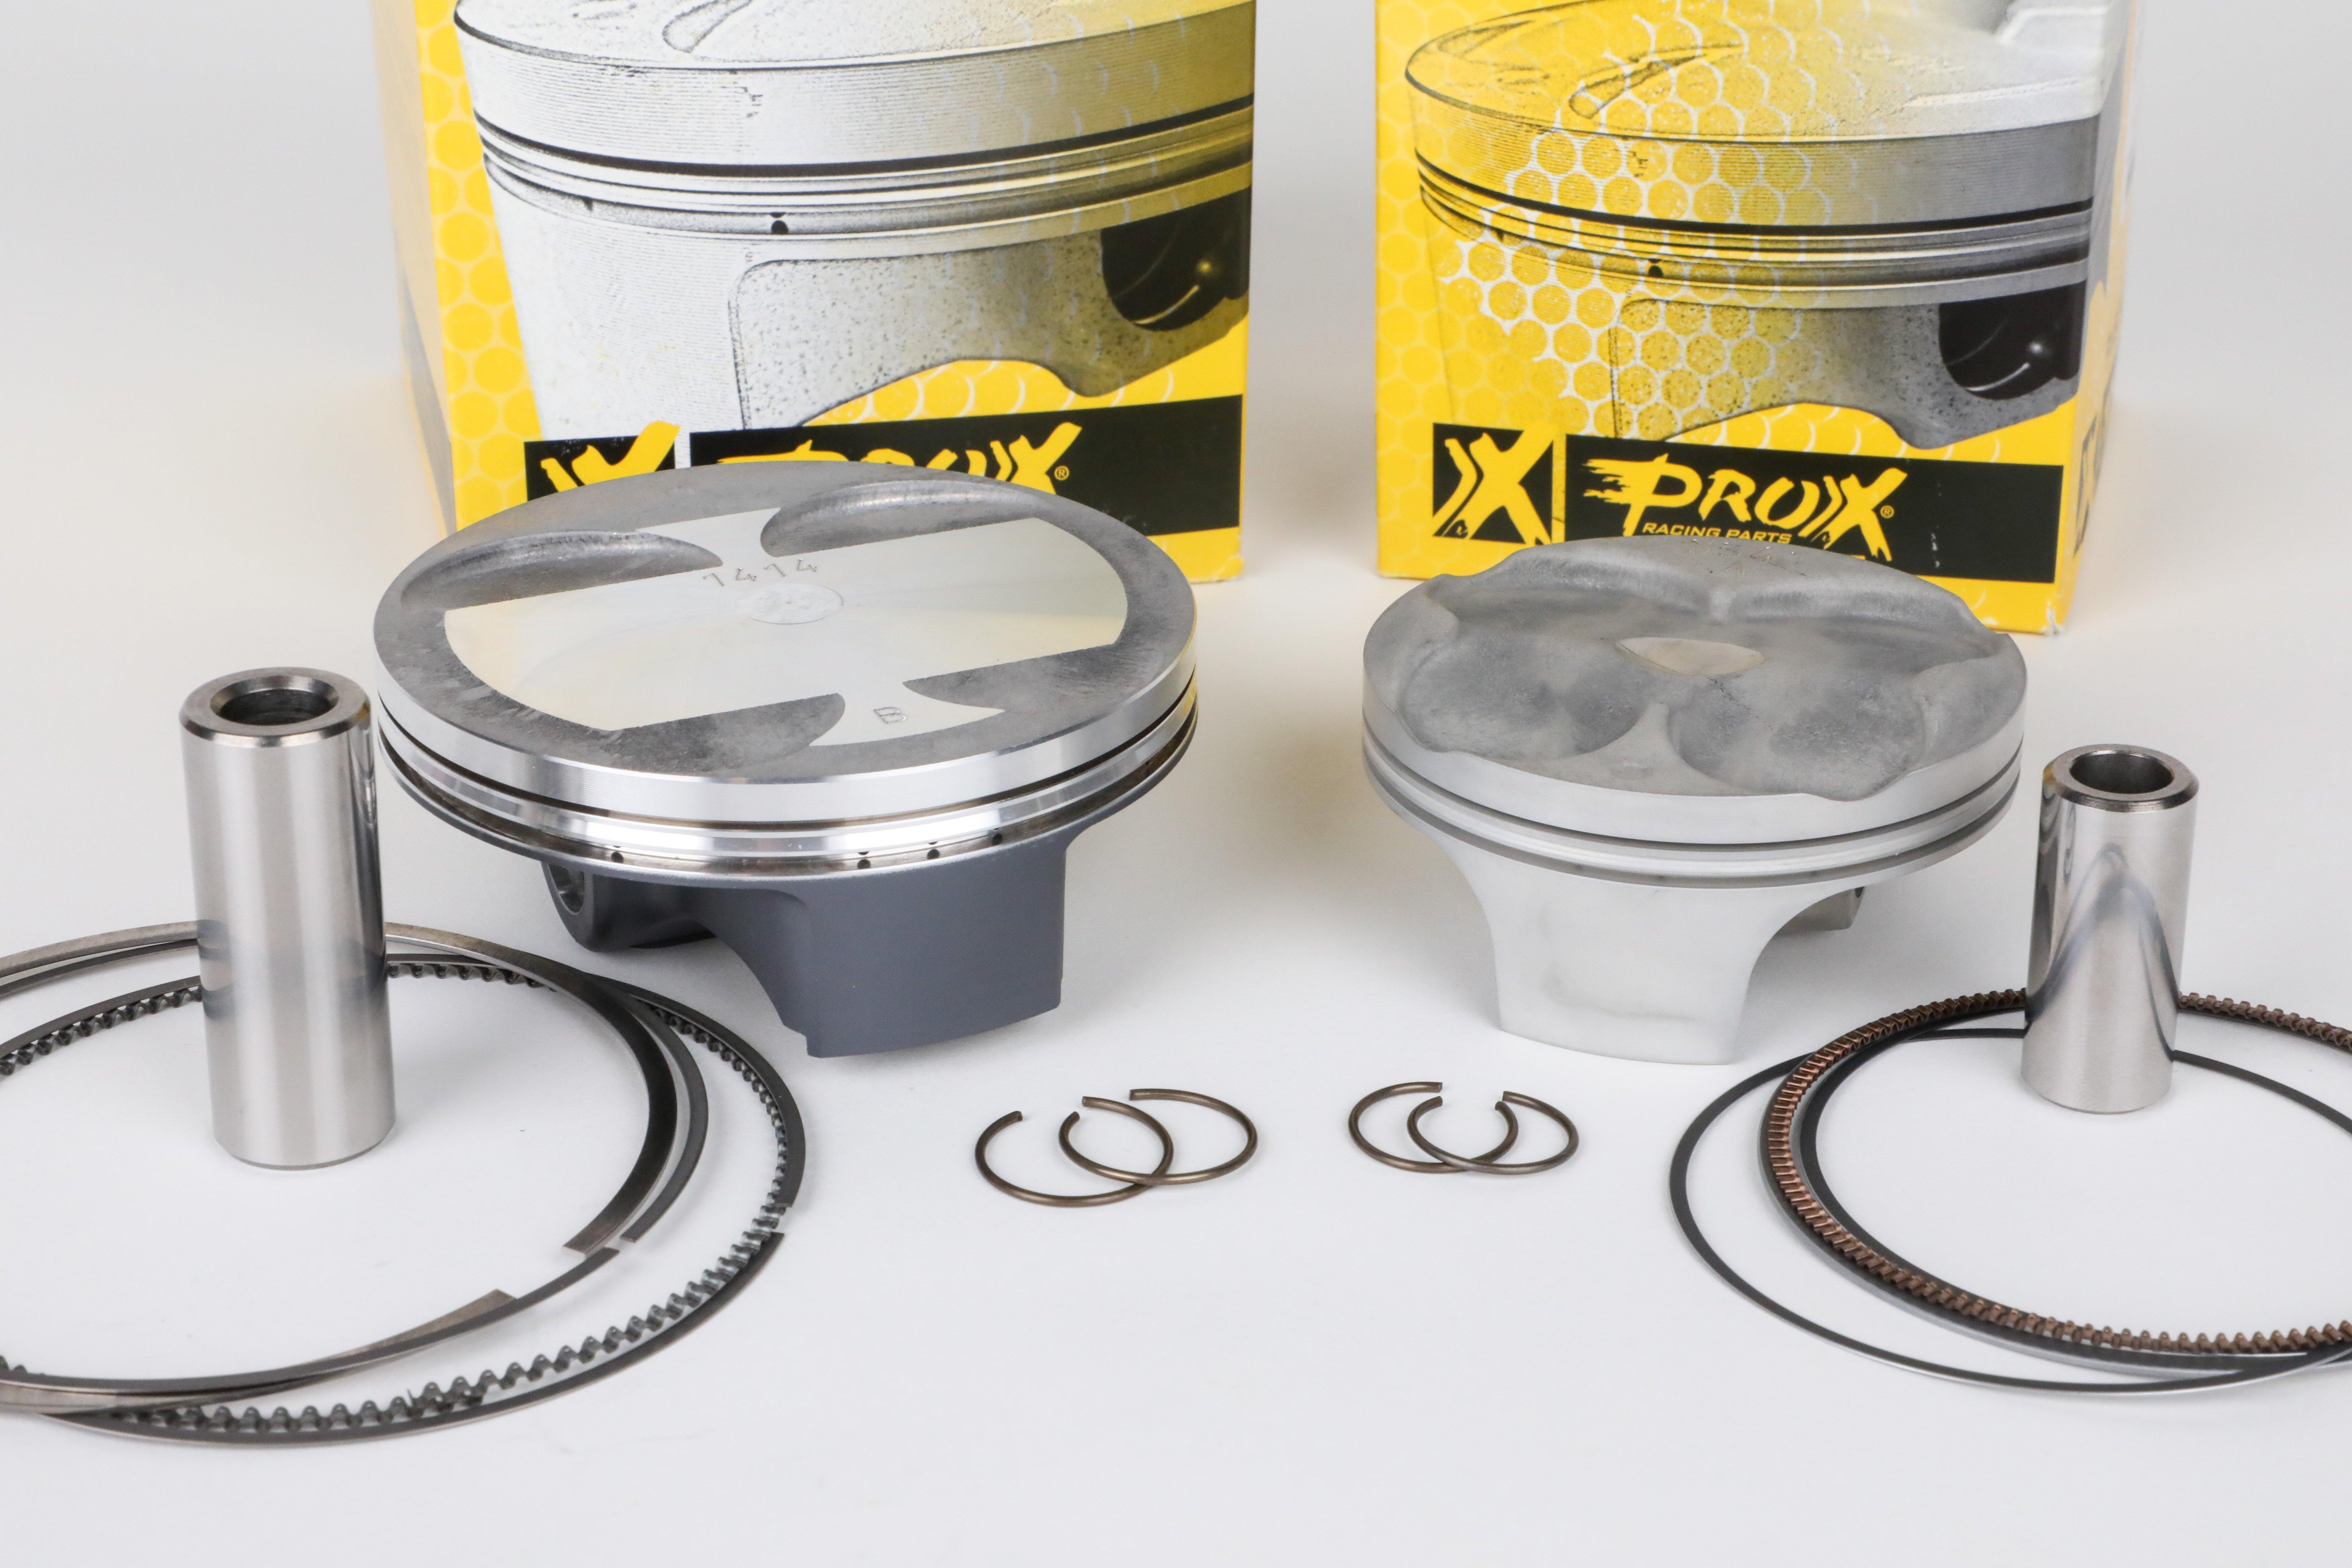 prox_4_stroke_pistons-23